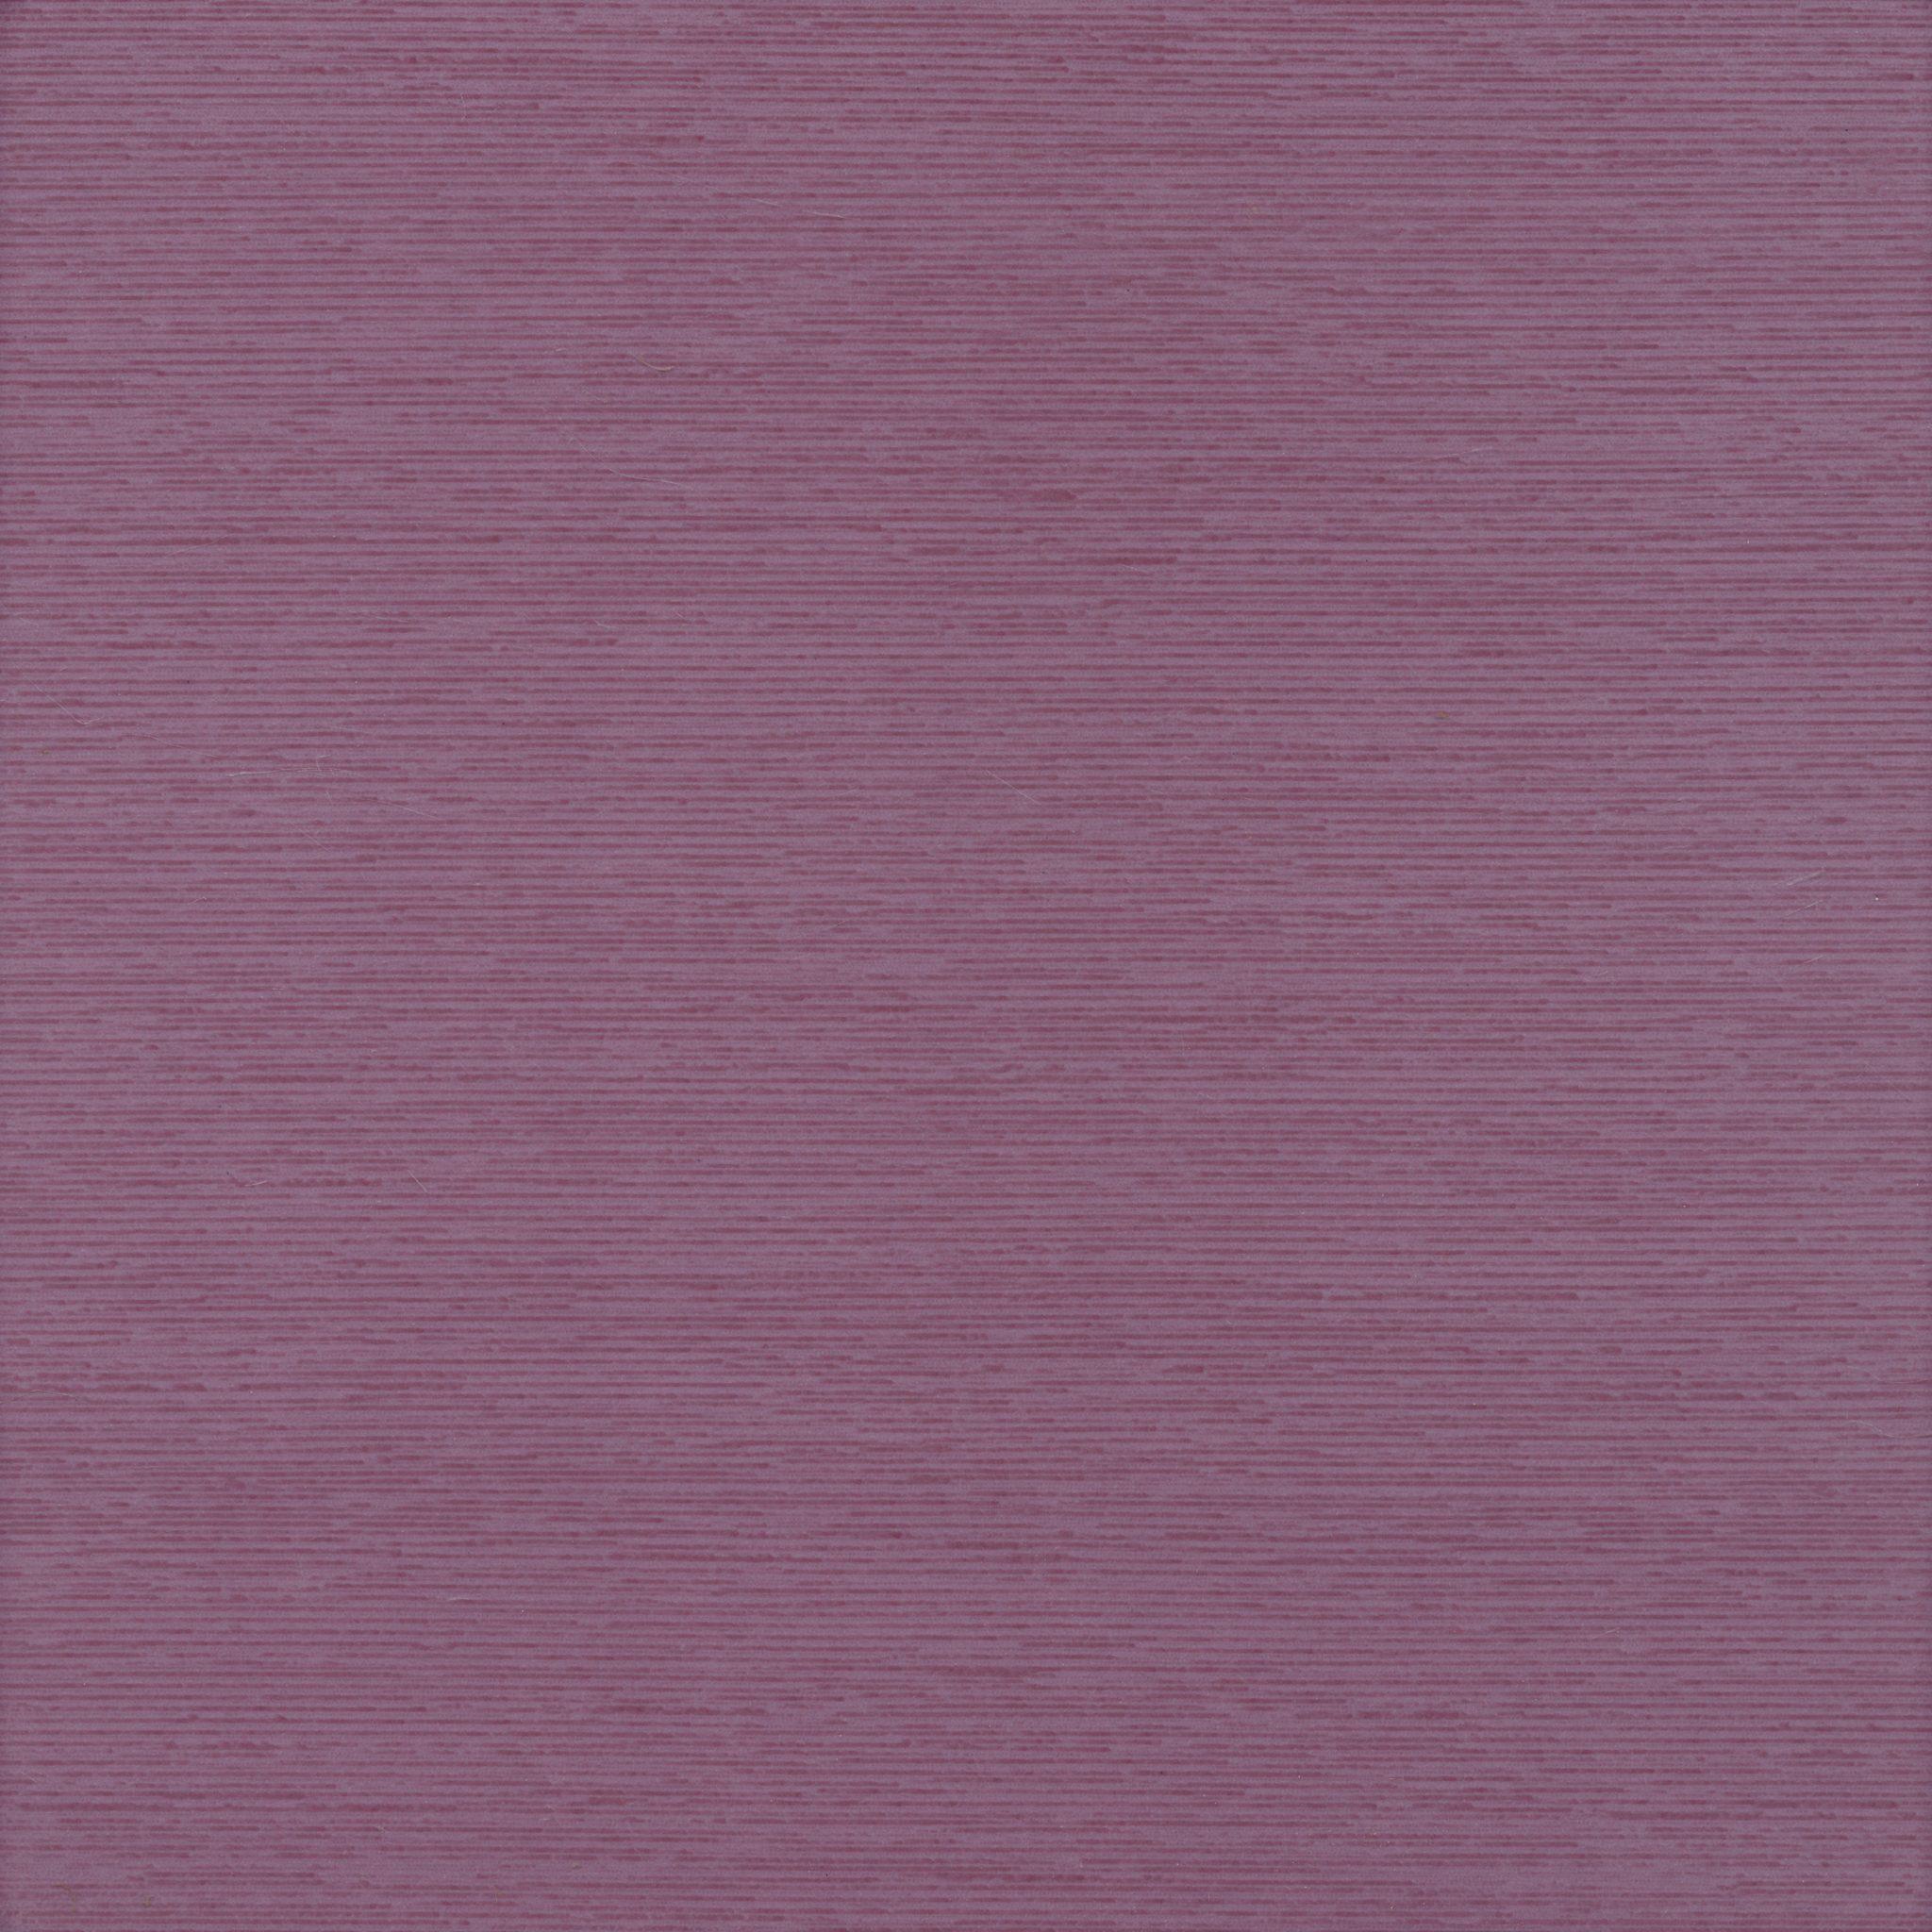 Laura напольная плитка (сиреневая), 30х30